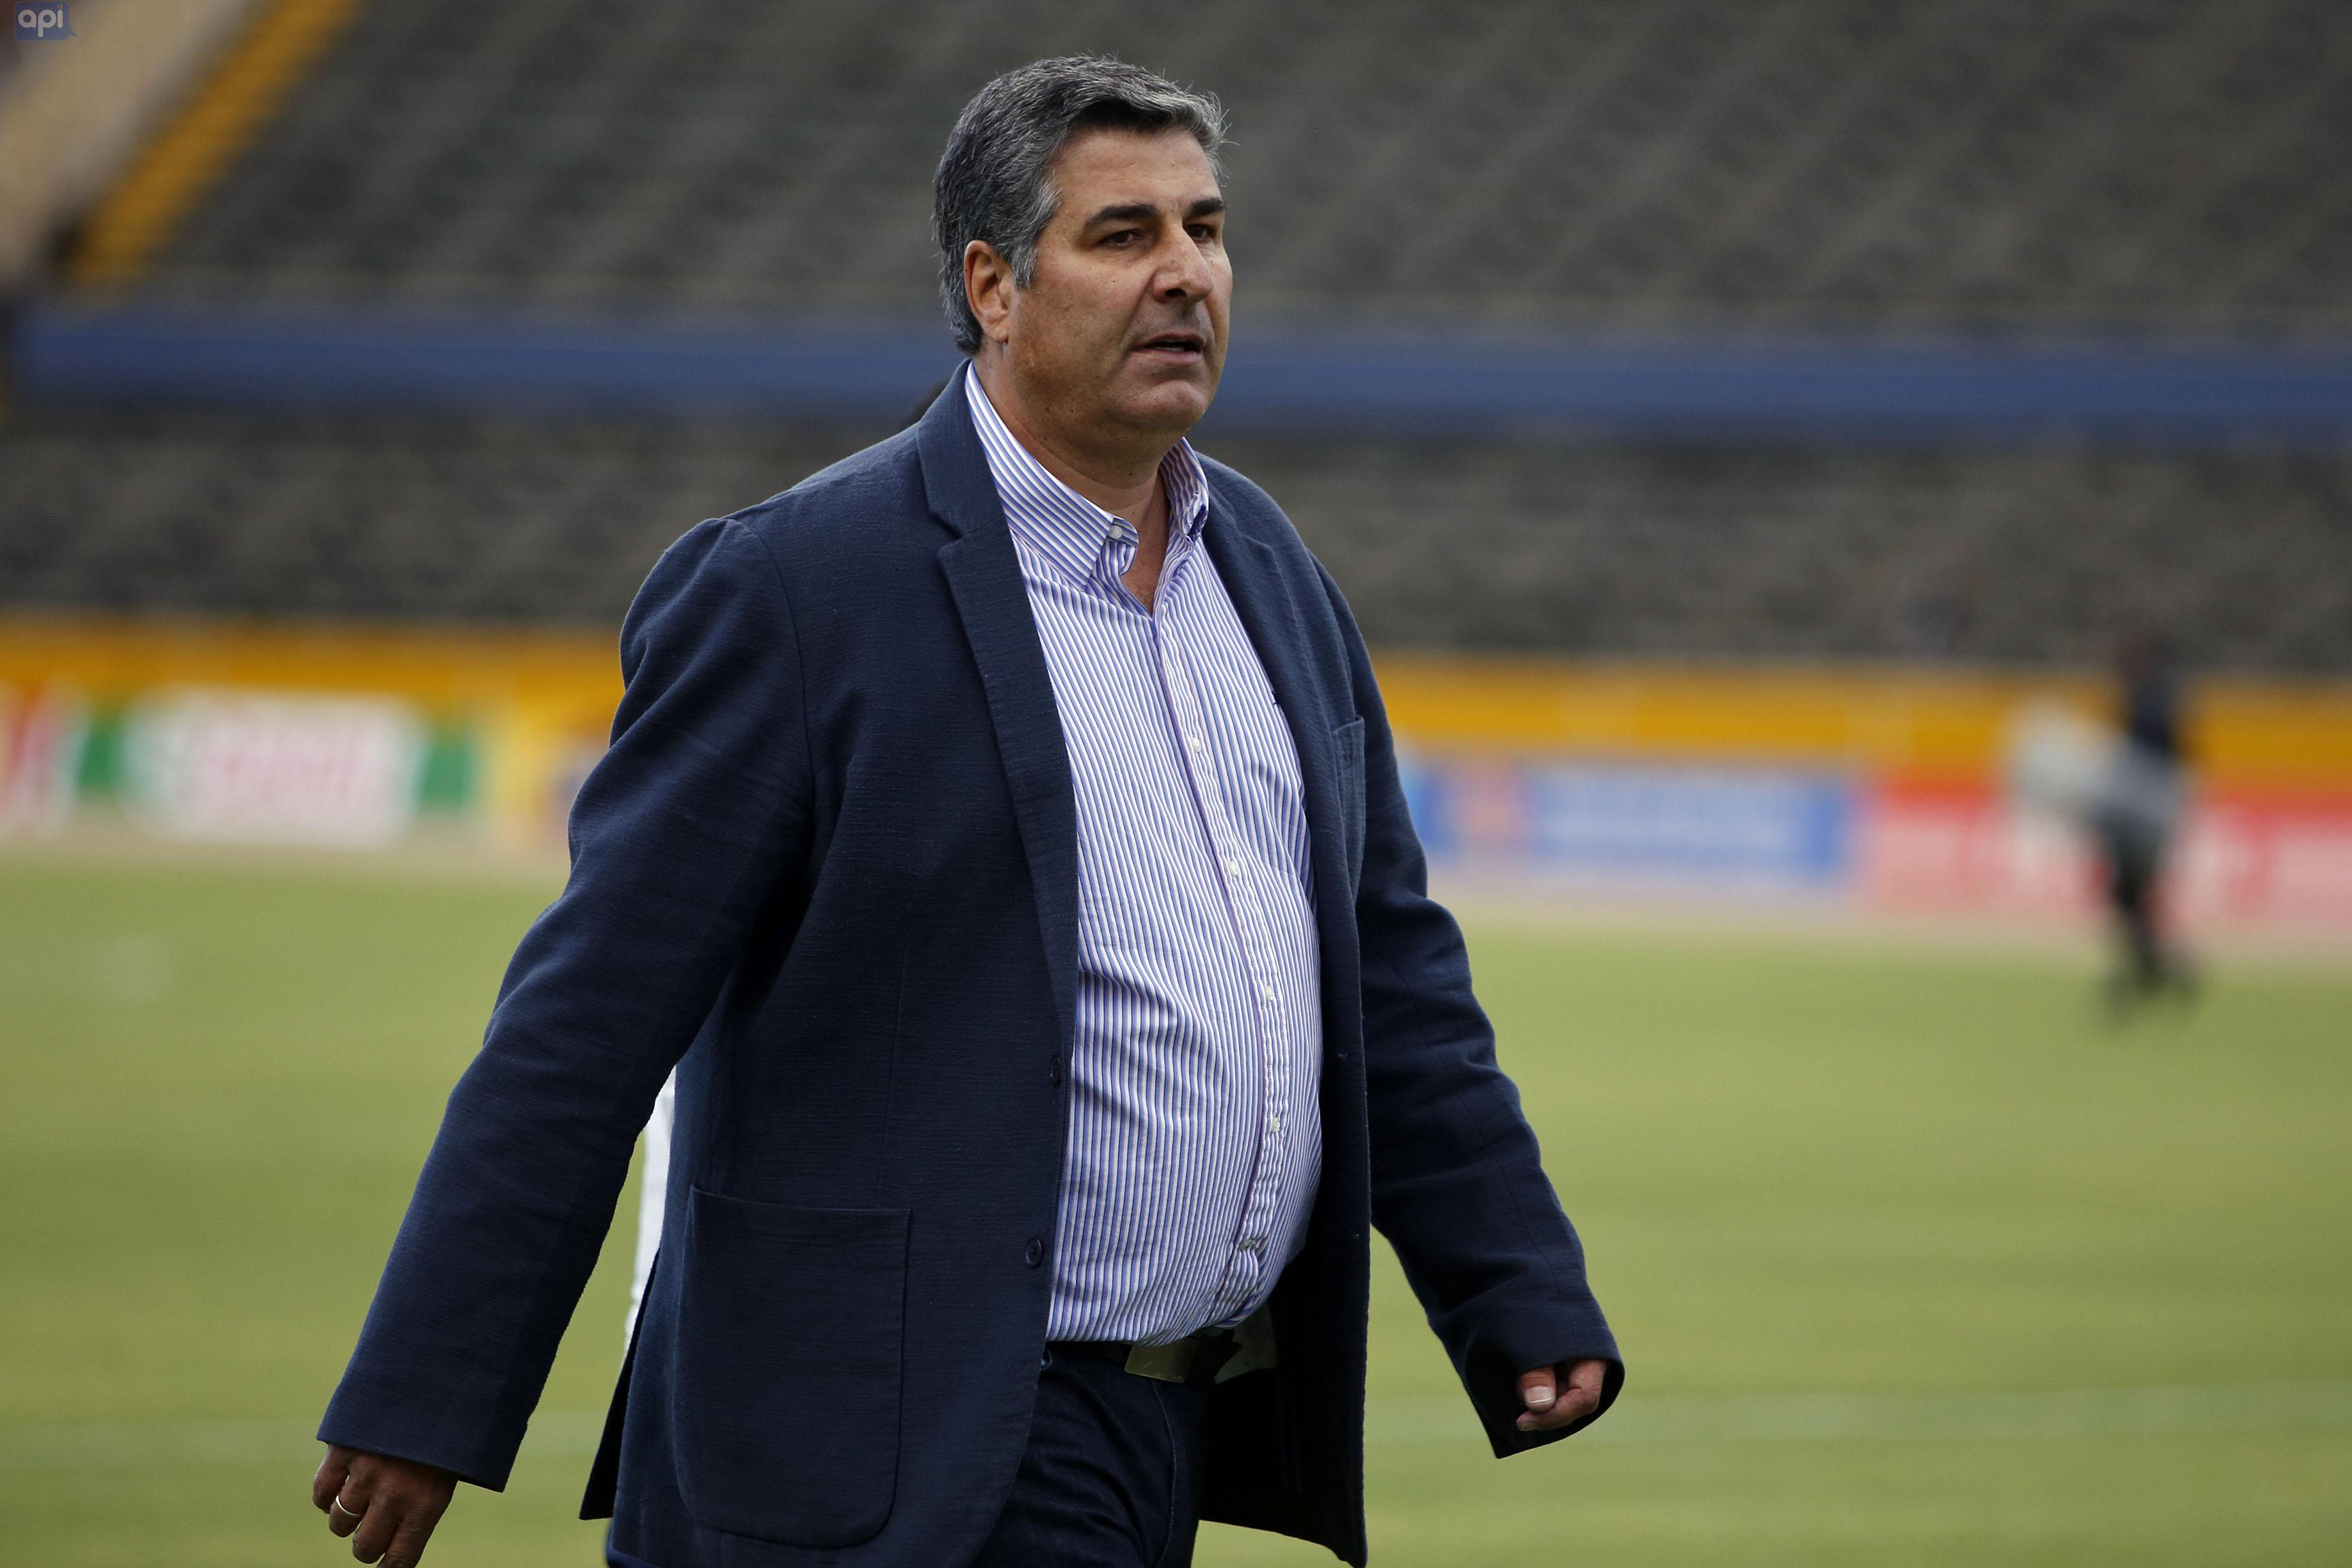 Santiago Escobar lamenta la ausencia de Cifuente y confirma que Universidad Católica busca refuerzos para la ofensiva